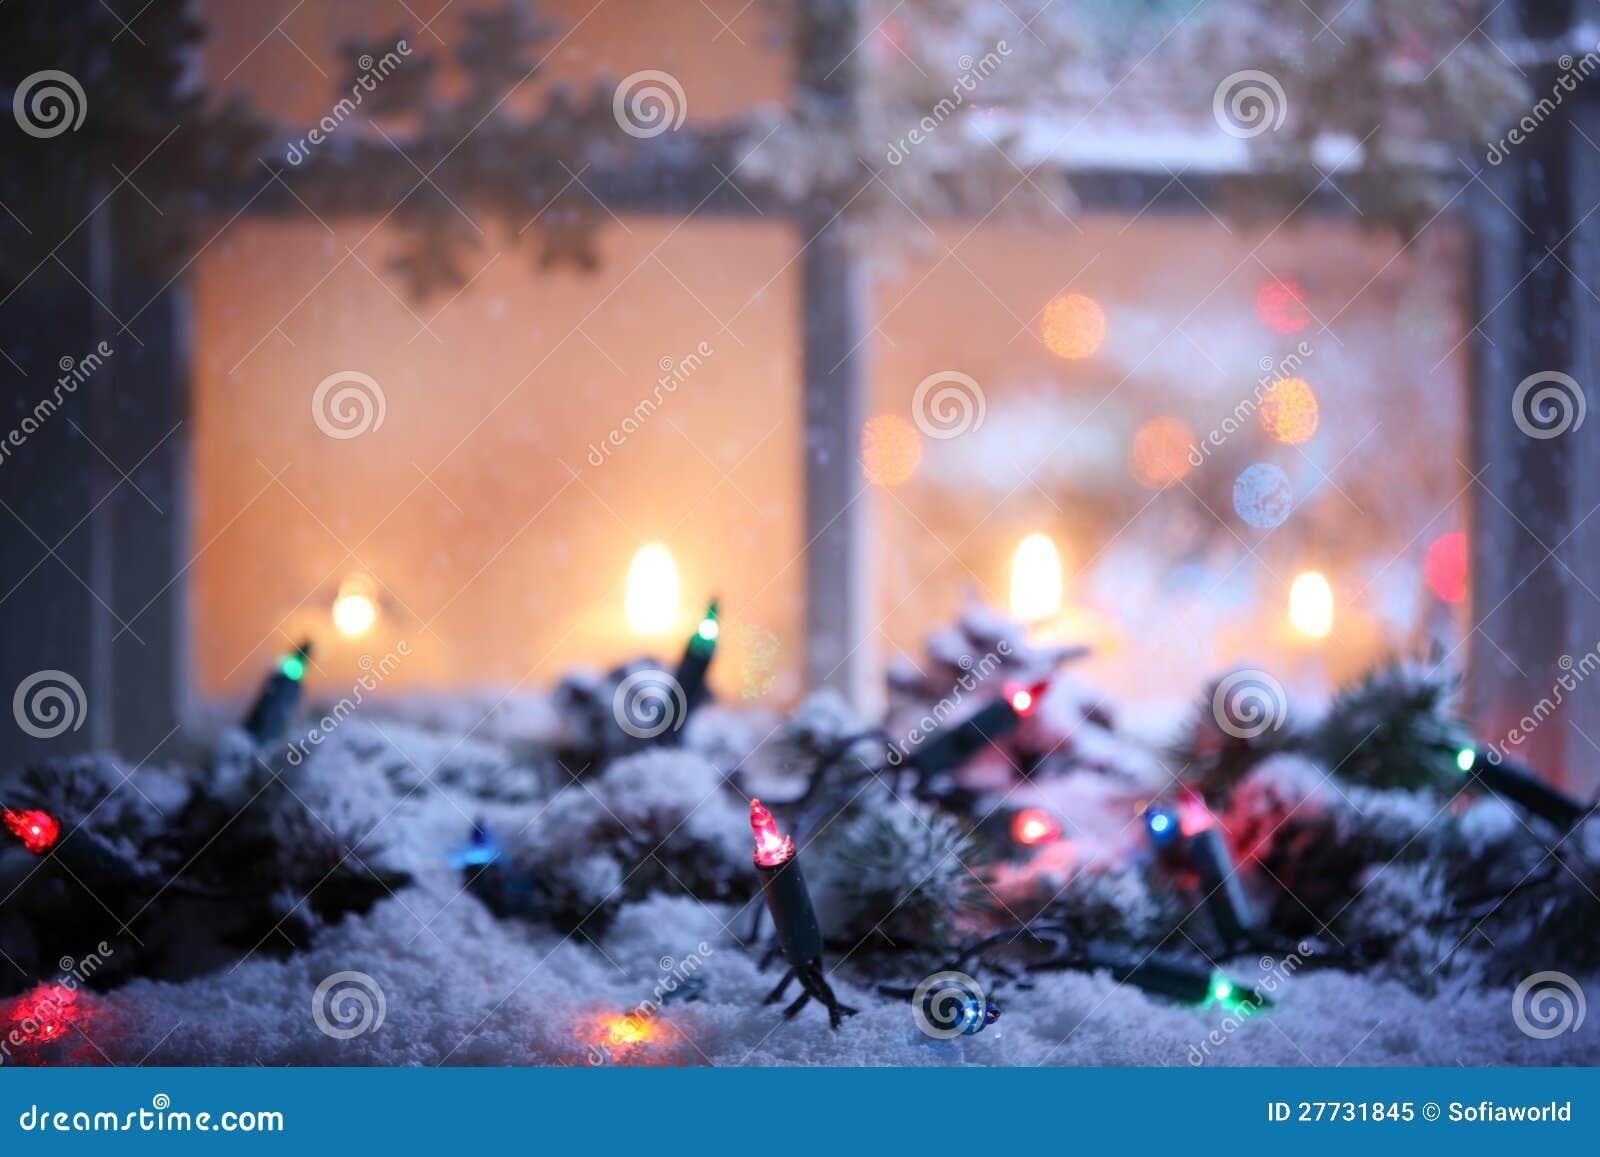 Bereiftes Fenster mit Weihnachtsdekoration